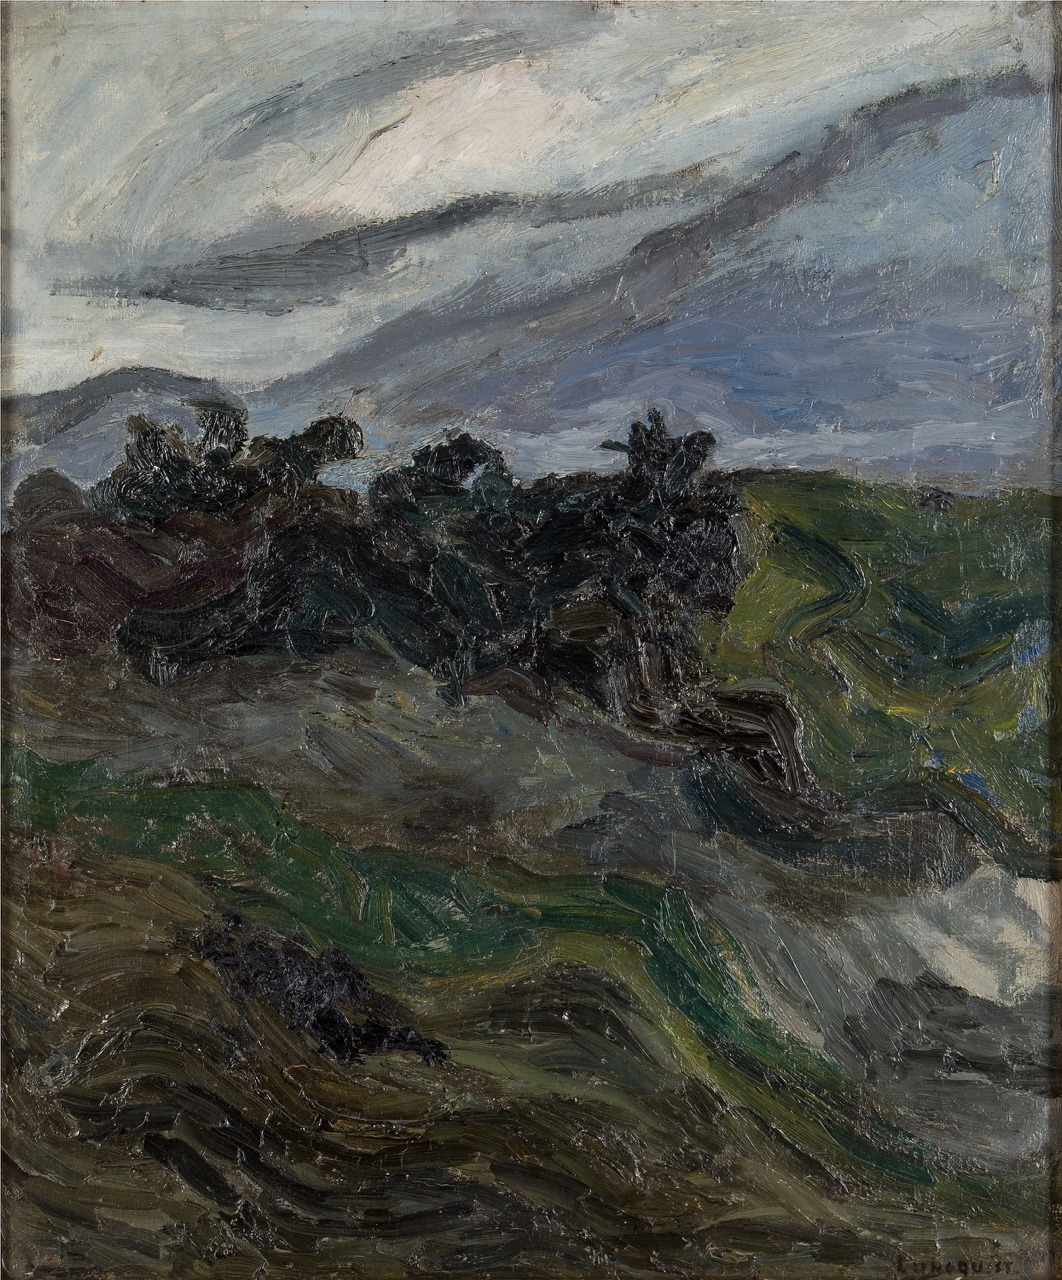 """terminusantequem: """"Evert Lundquist (Swedish, 1904-1994), Storm clouds. Oil on canvas, 66 x 55 cm """""""